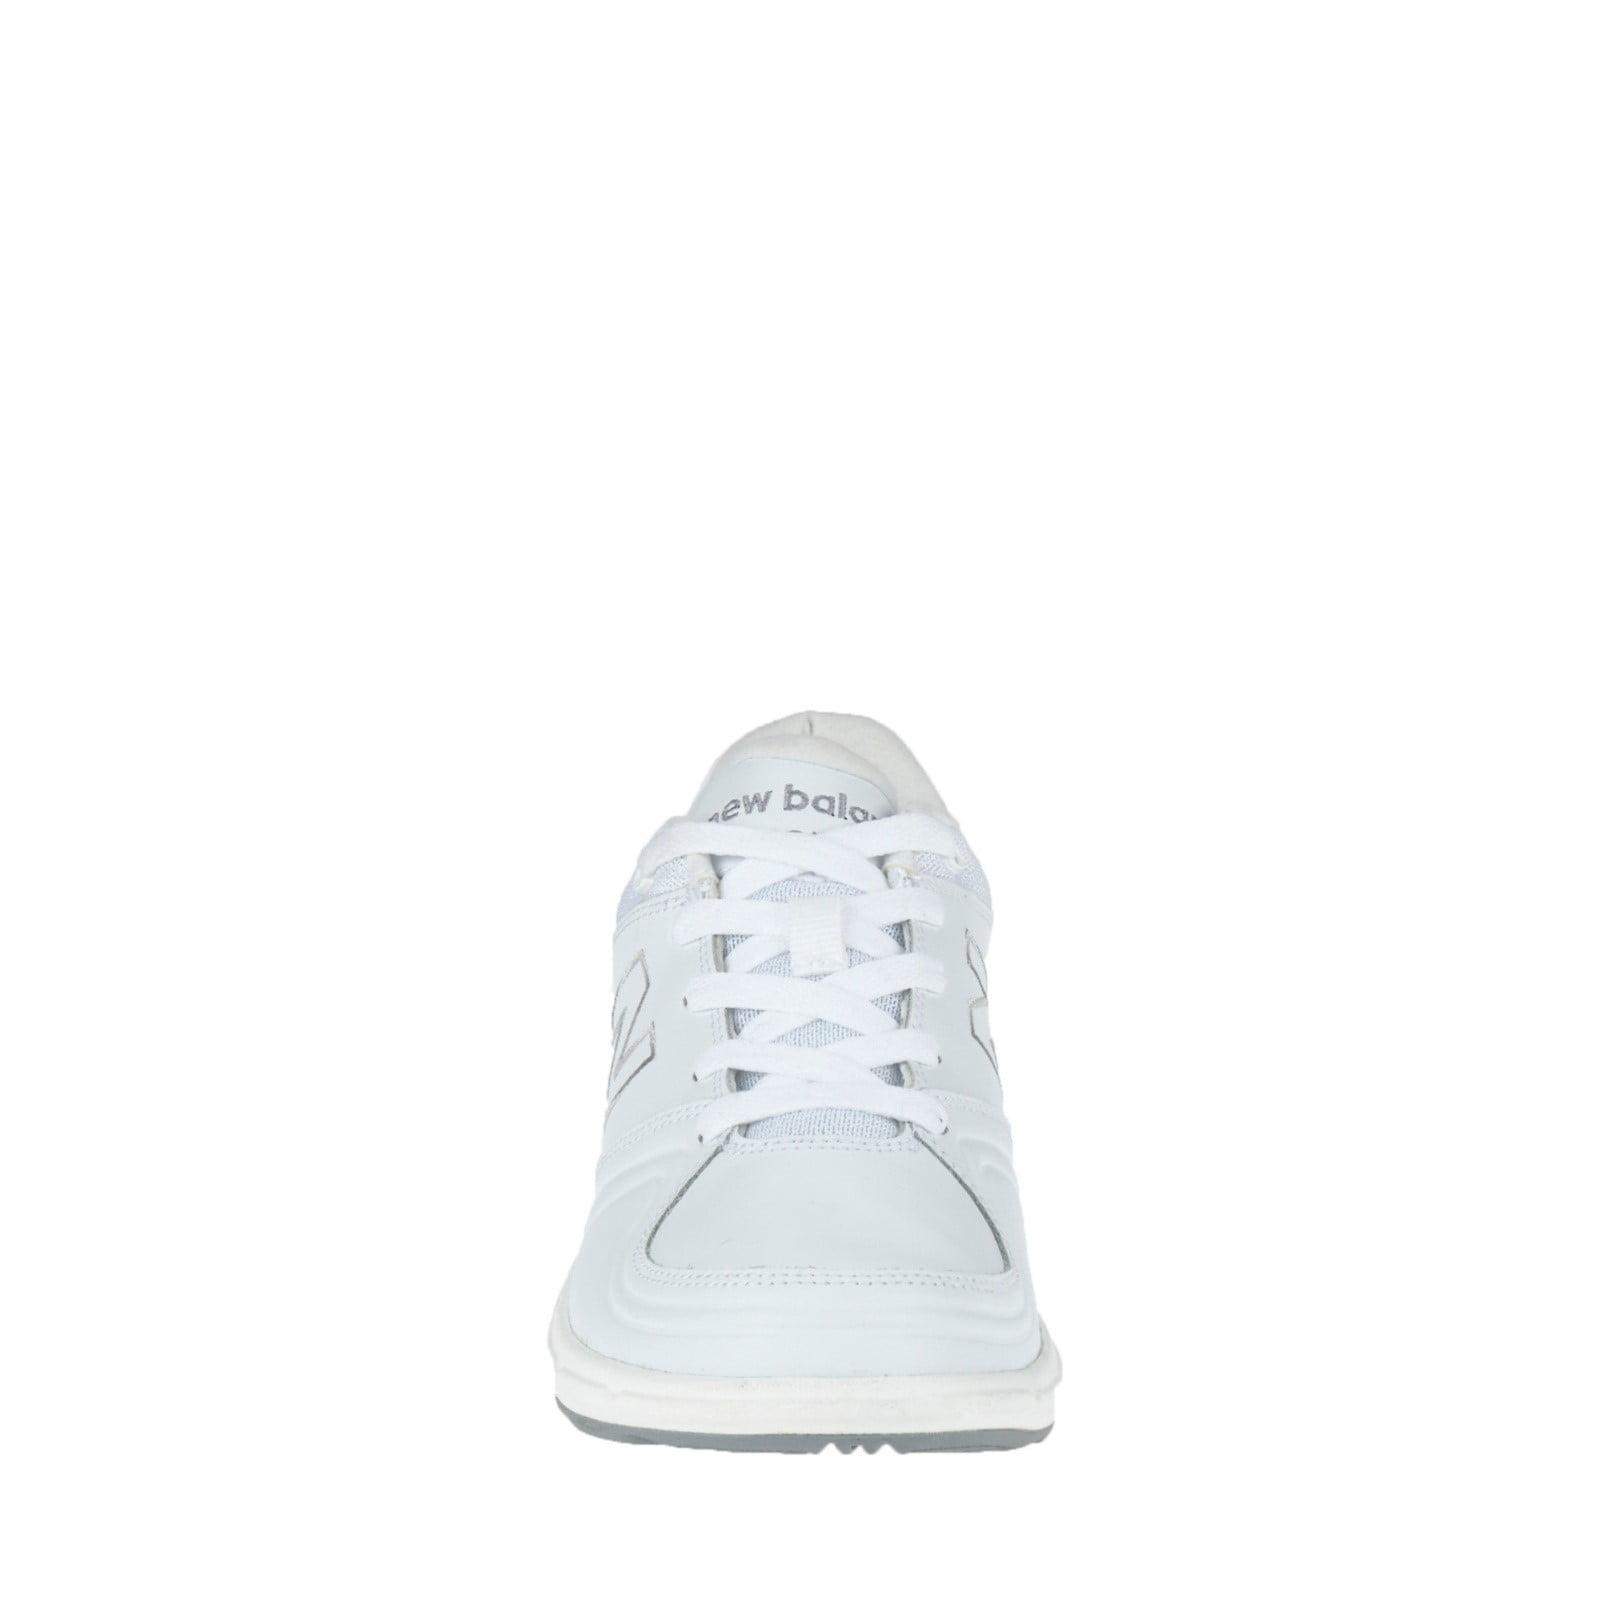 New Balance WW813 Shoe Walking Sneaker Shoe WW813 - Womens d6dd0d